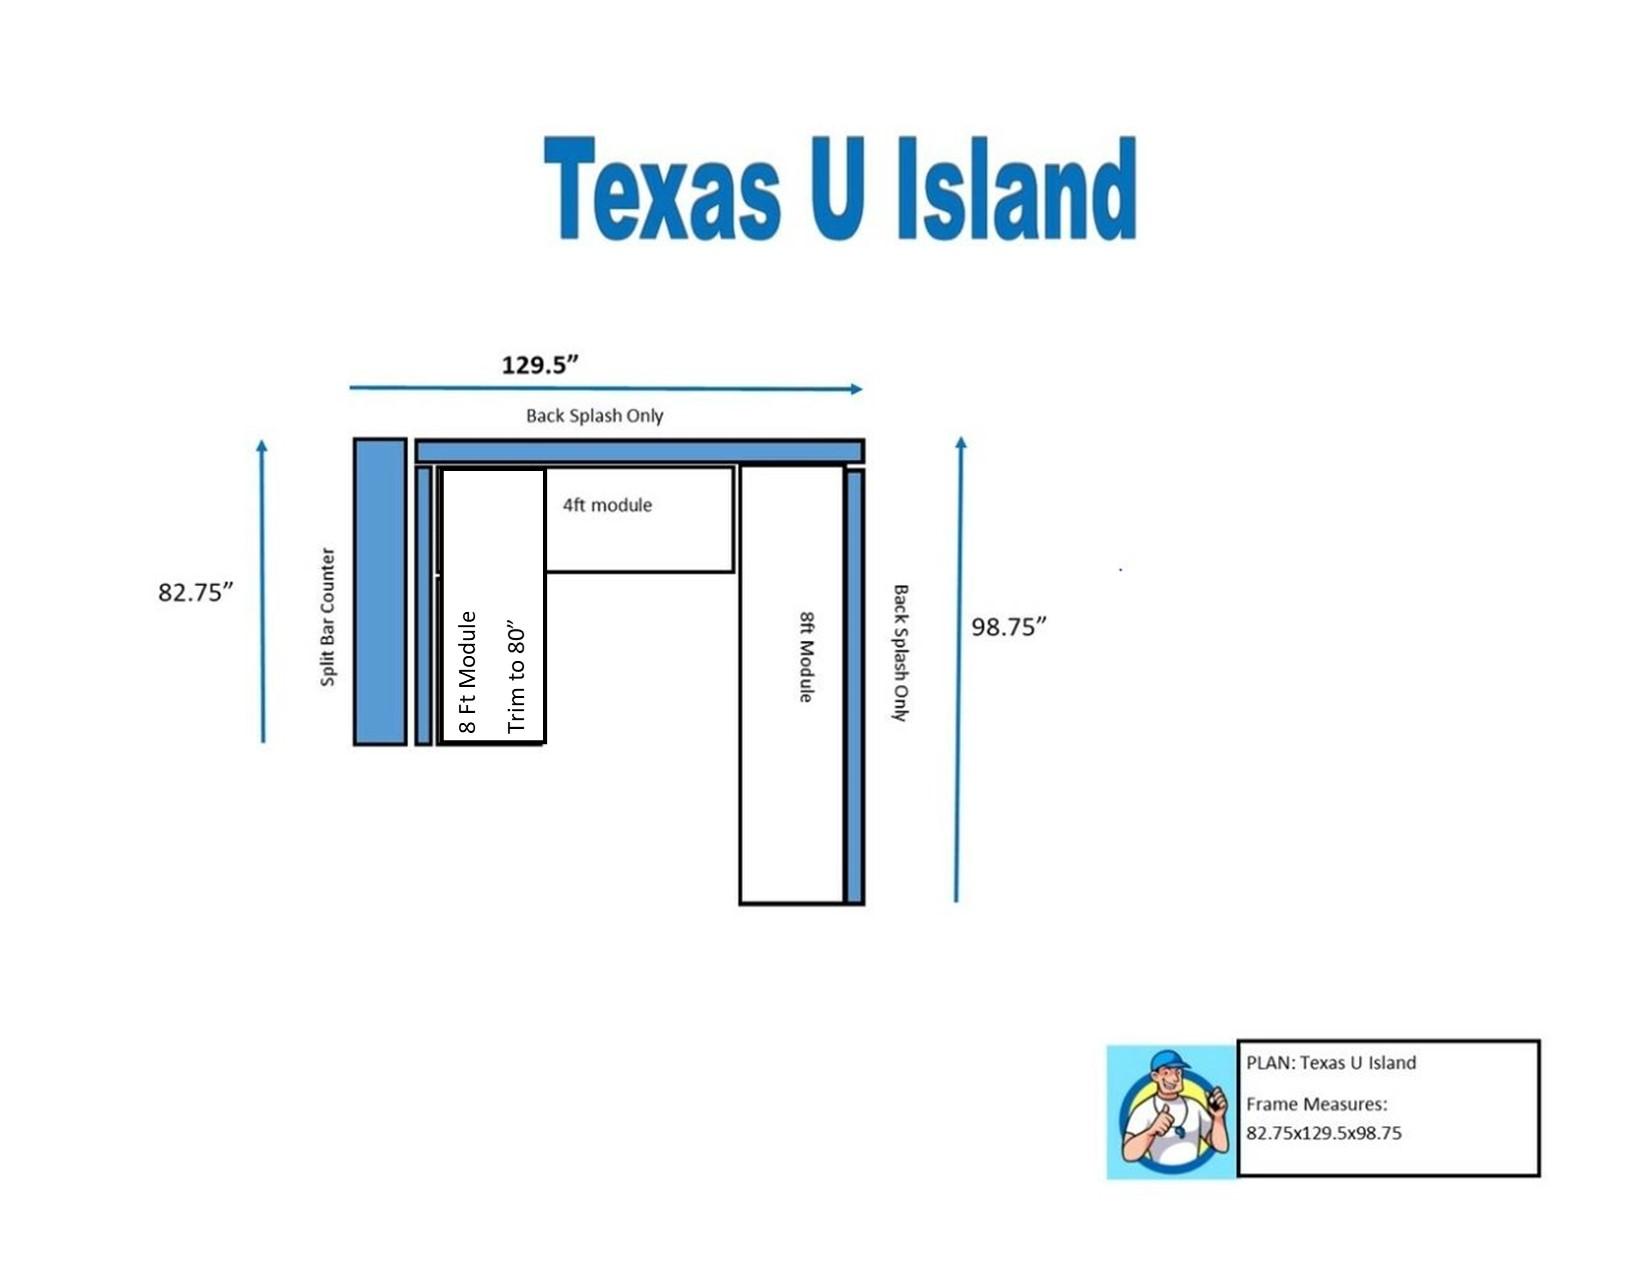 texas-u-island-tubes.jpg